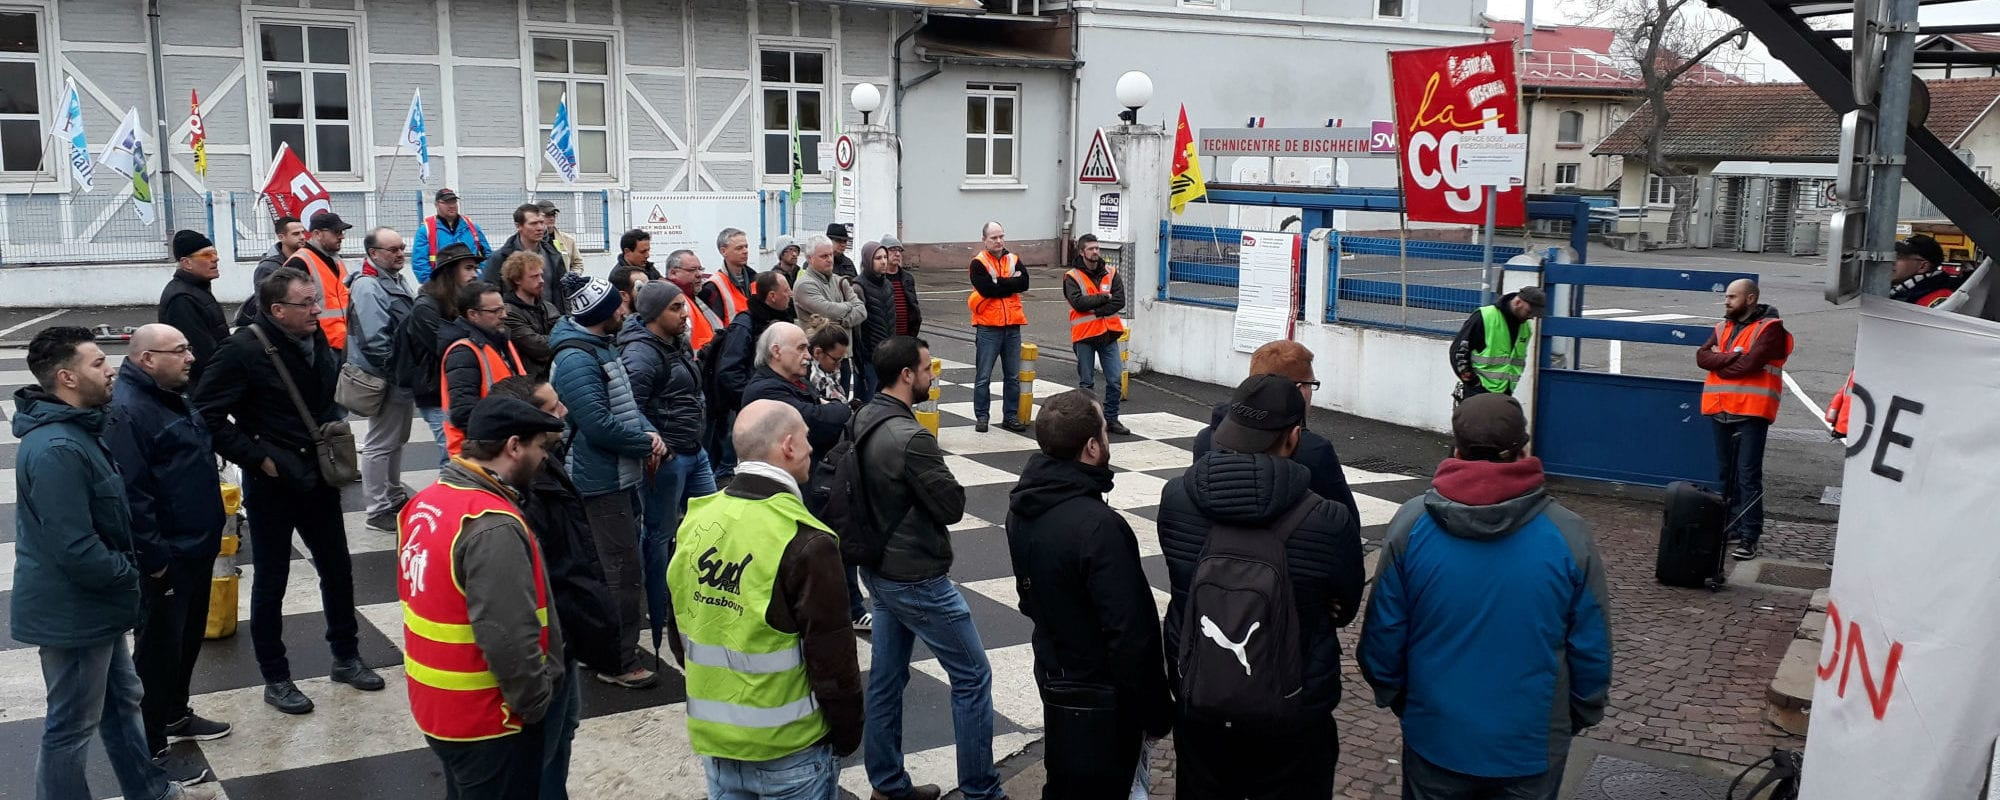 Aux ateliers SNCF, quand des cheminots parlent de leurs «privilèges»